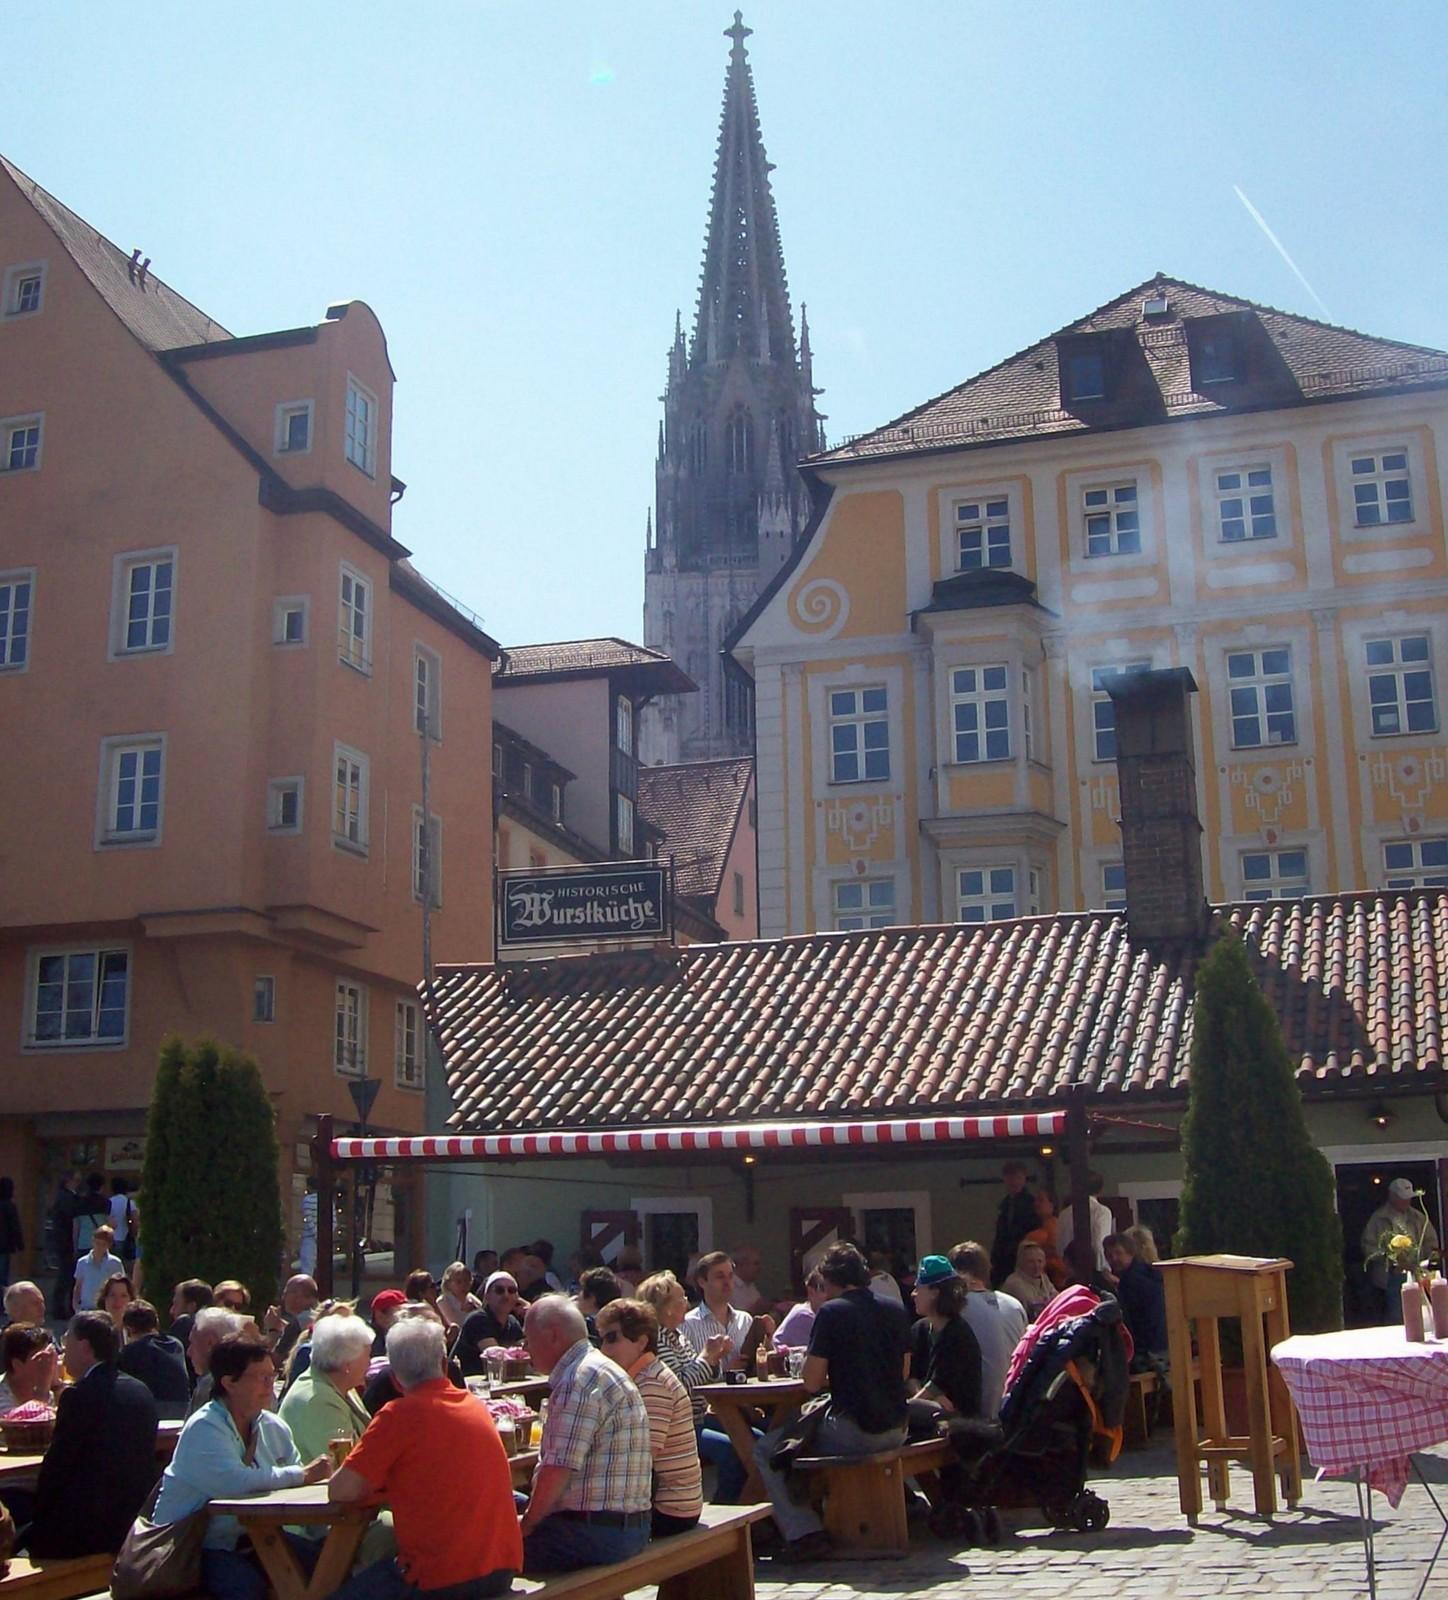 Regensburg - Historische Wurstkuchl